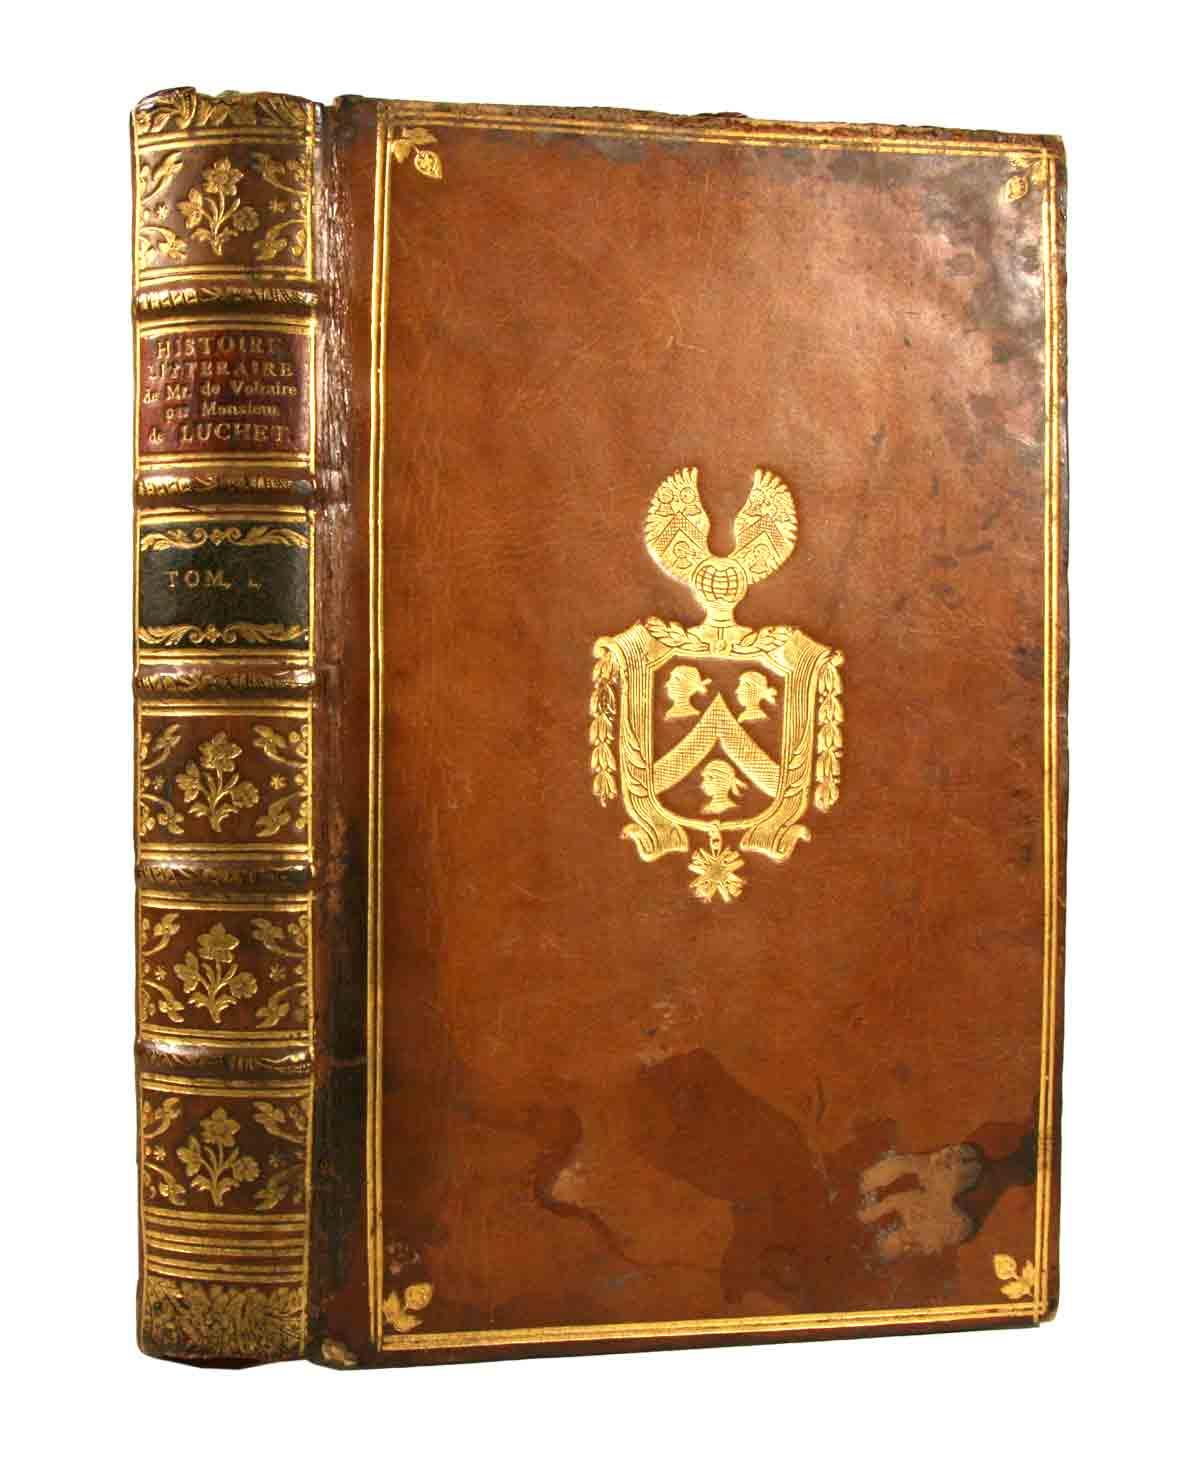 VOLTAIRE - LE MARQUIS DE LUCHET:: - Histoire littéraire de Monsieur de Voltaire. Tome I. (seul).